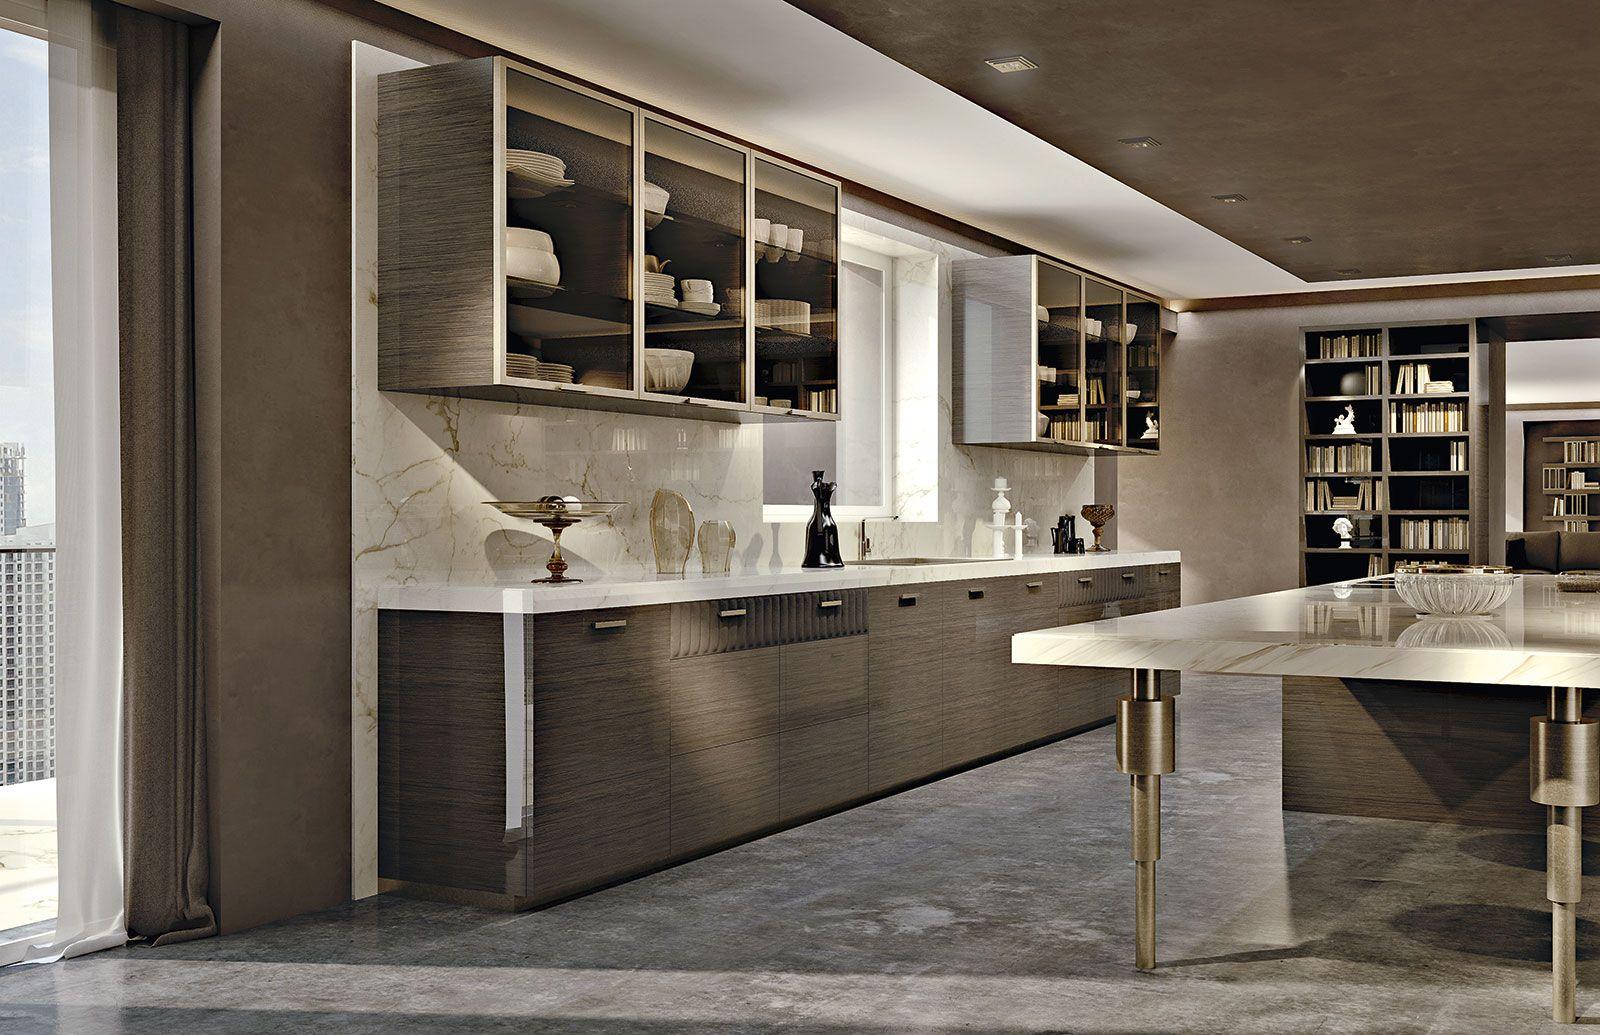 Daytona arredamento contemporaneo moderno di lusso e mobili stile ...